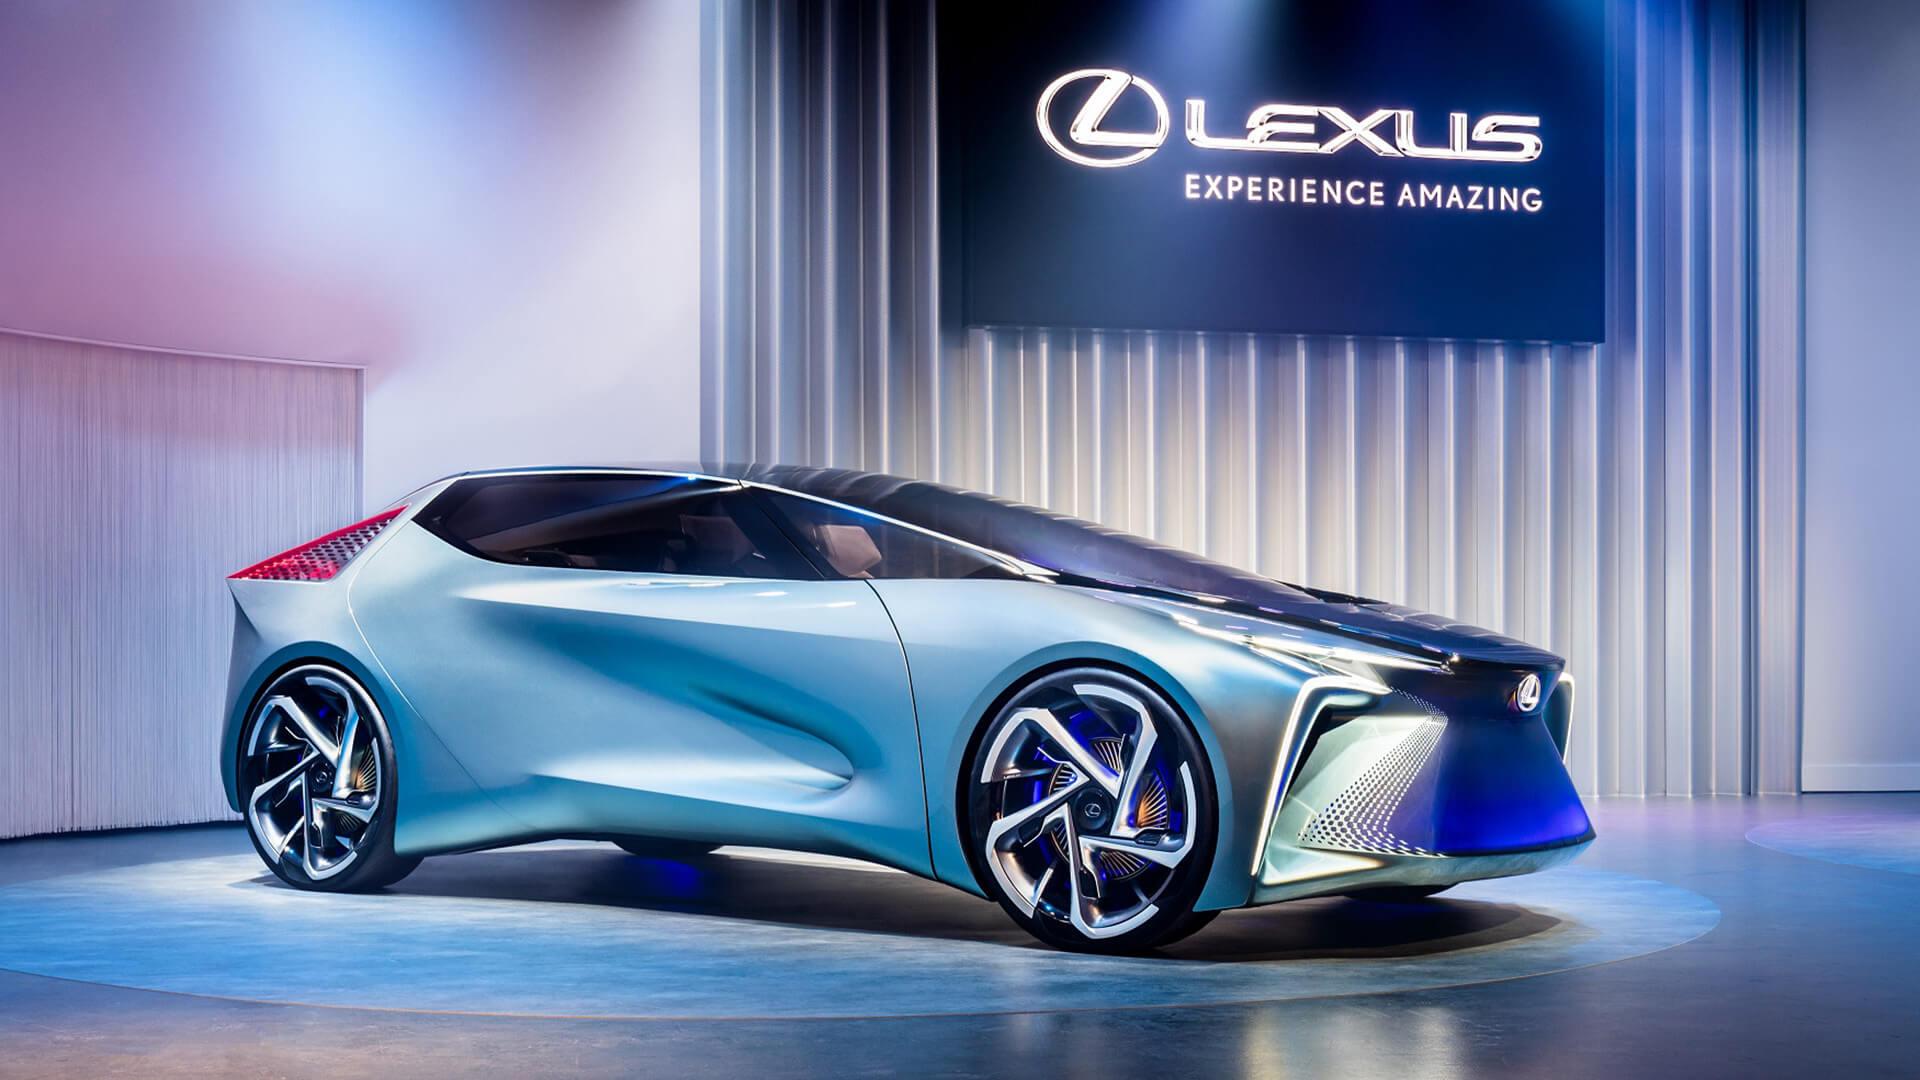 lexus bugunun ve gelecegin elektrikli vizyonunu kenshiki forumda sergiledi